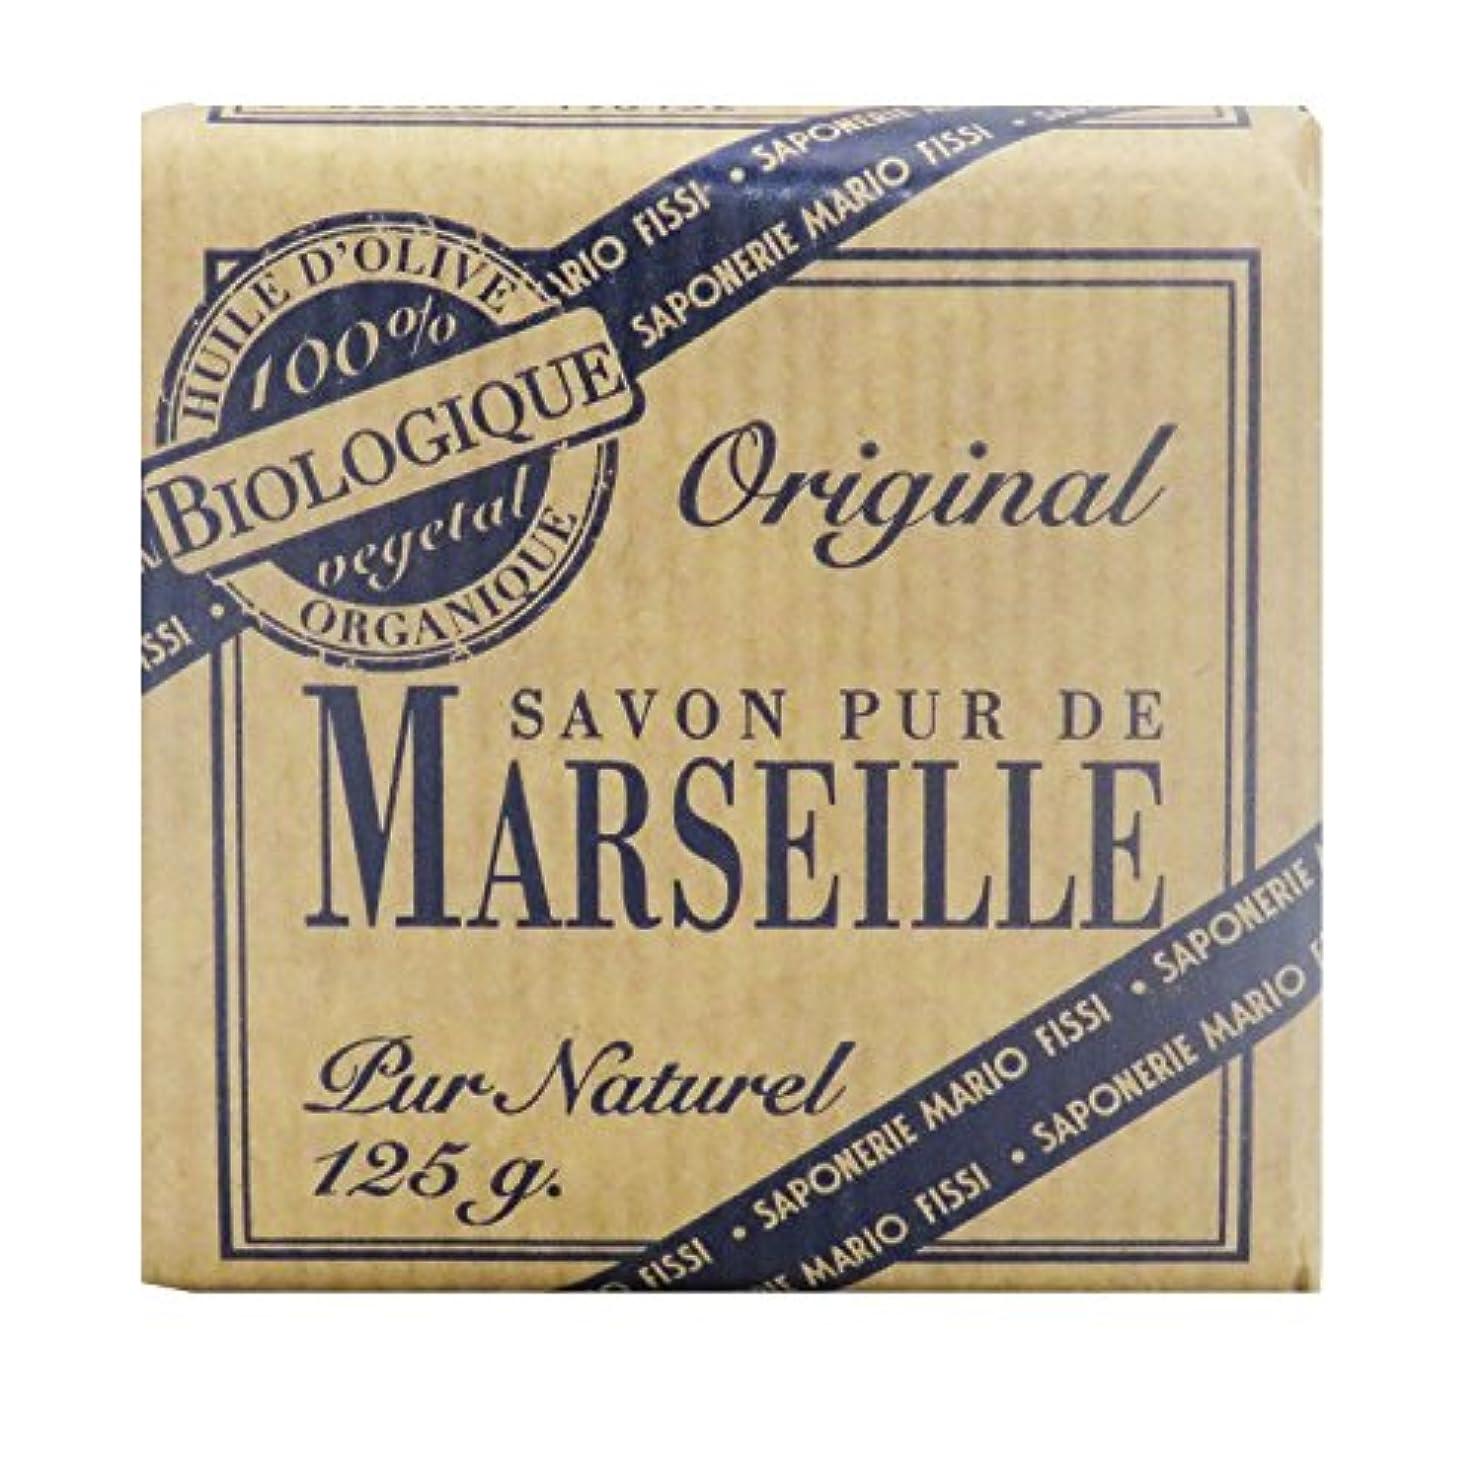 委員会木製履歴書Saponerire Fissi マルセイユシリーズ マルセイユソープ 125g Original オリジナル